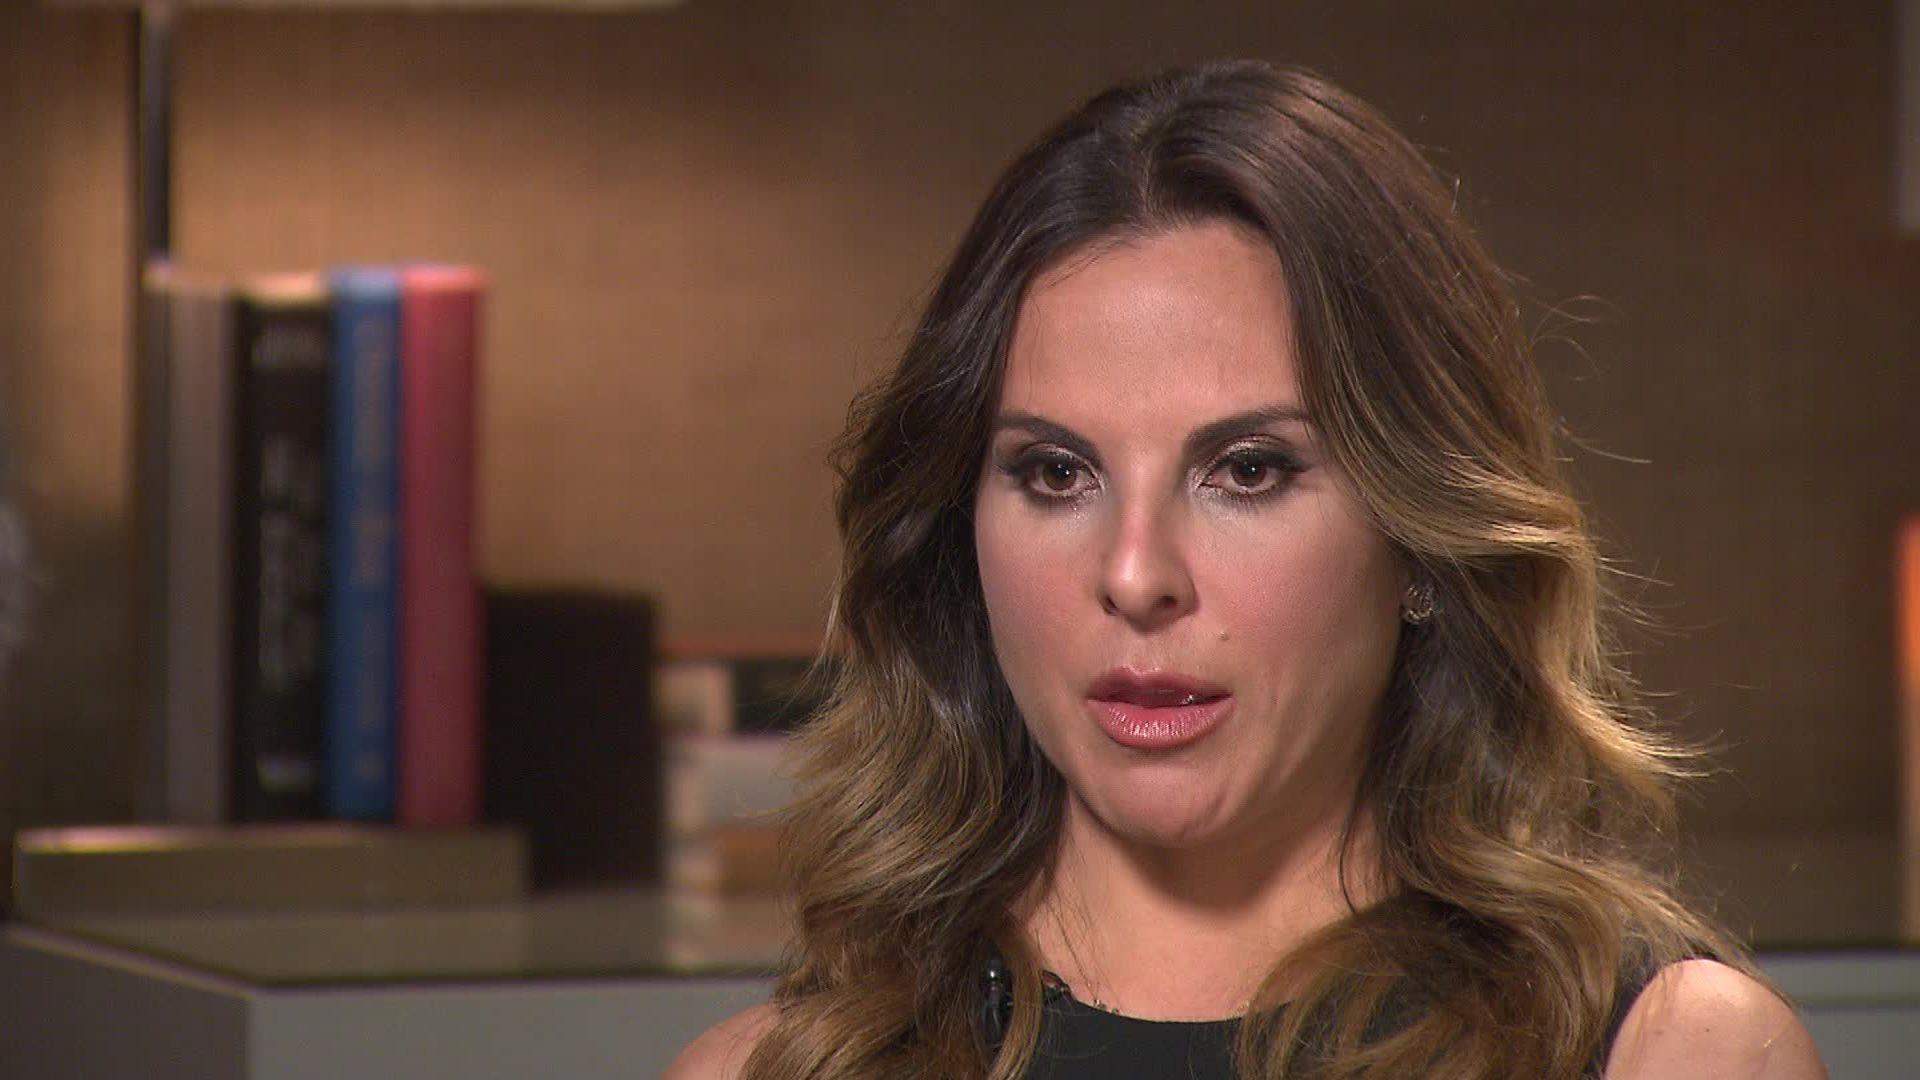 Actress behind Sean Penn's 'El Chapo' interview speaks - CNN Video